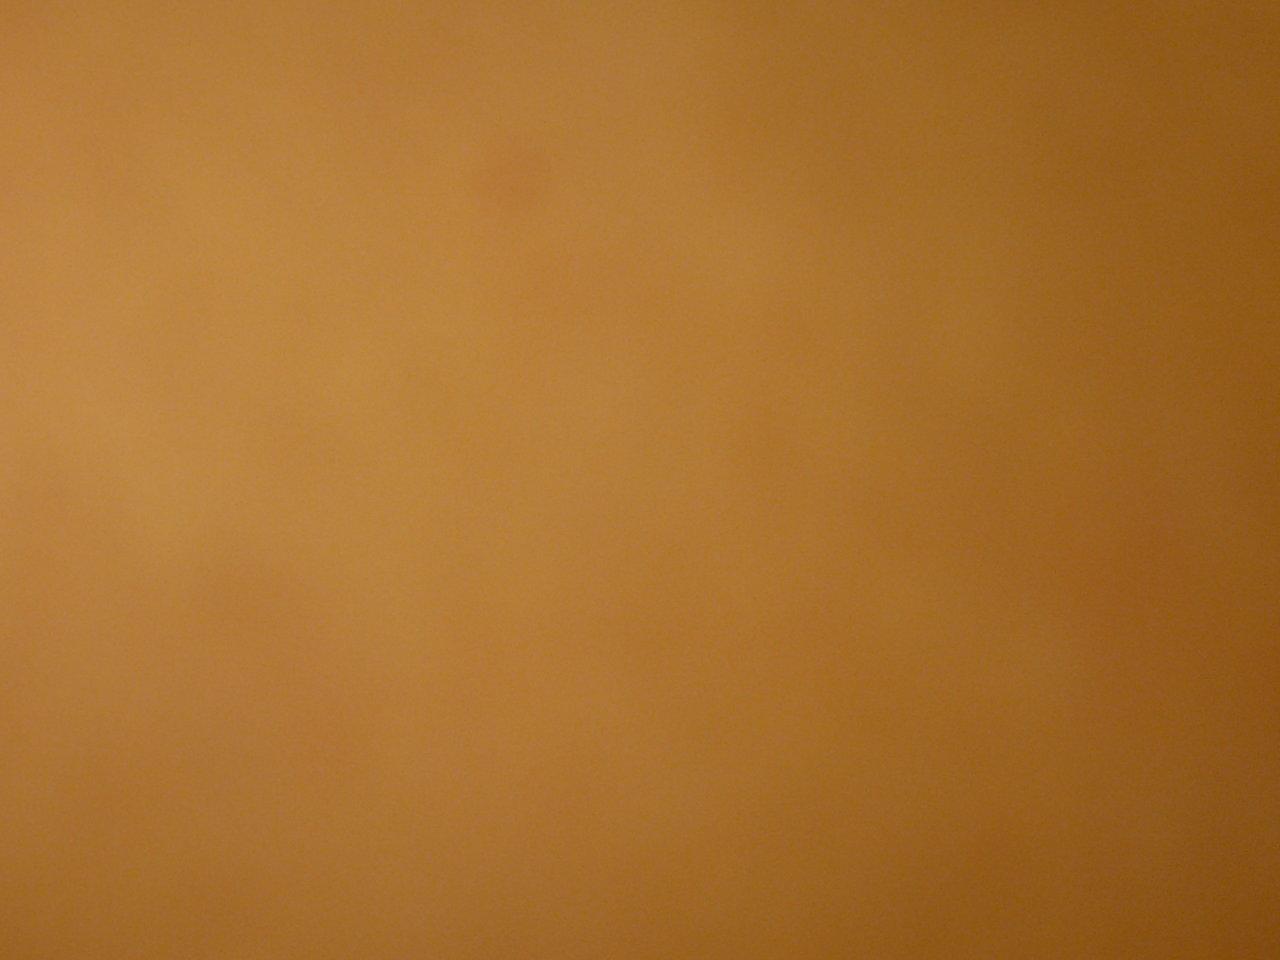 Light Tan Wallpaper Wallpapersafari